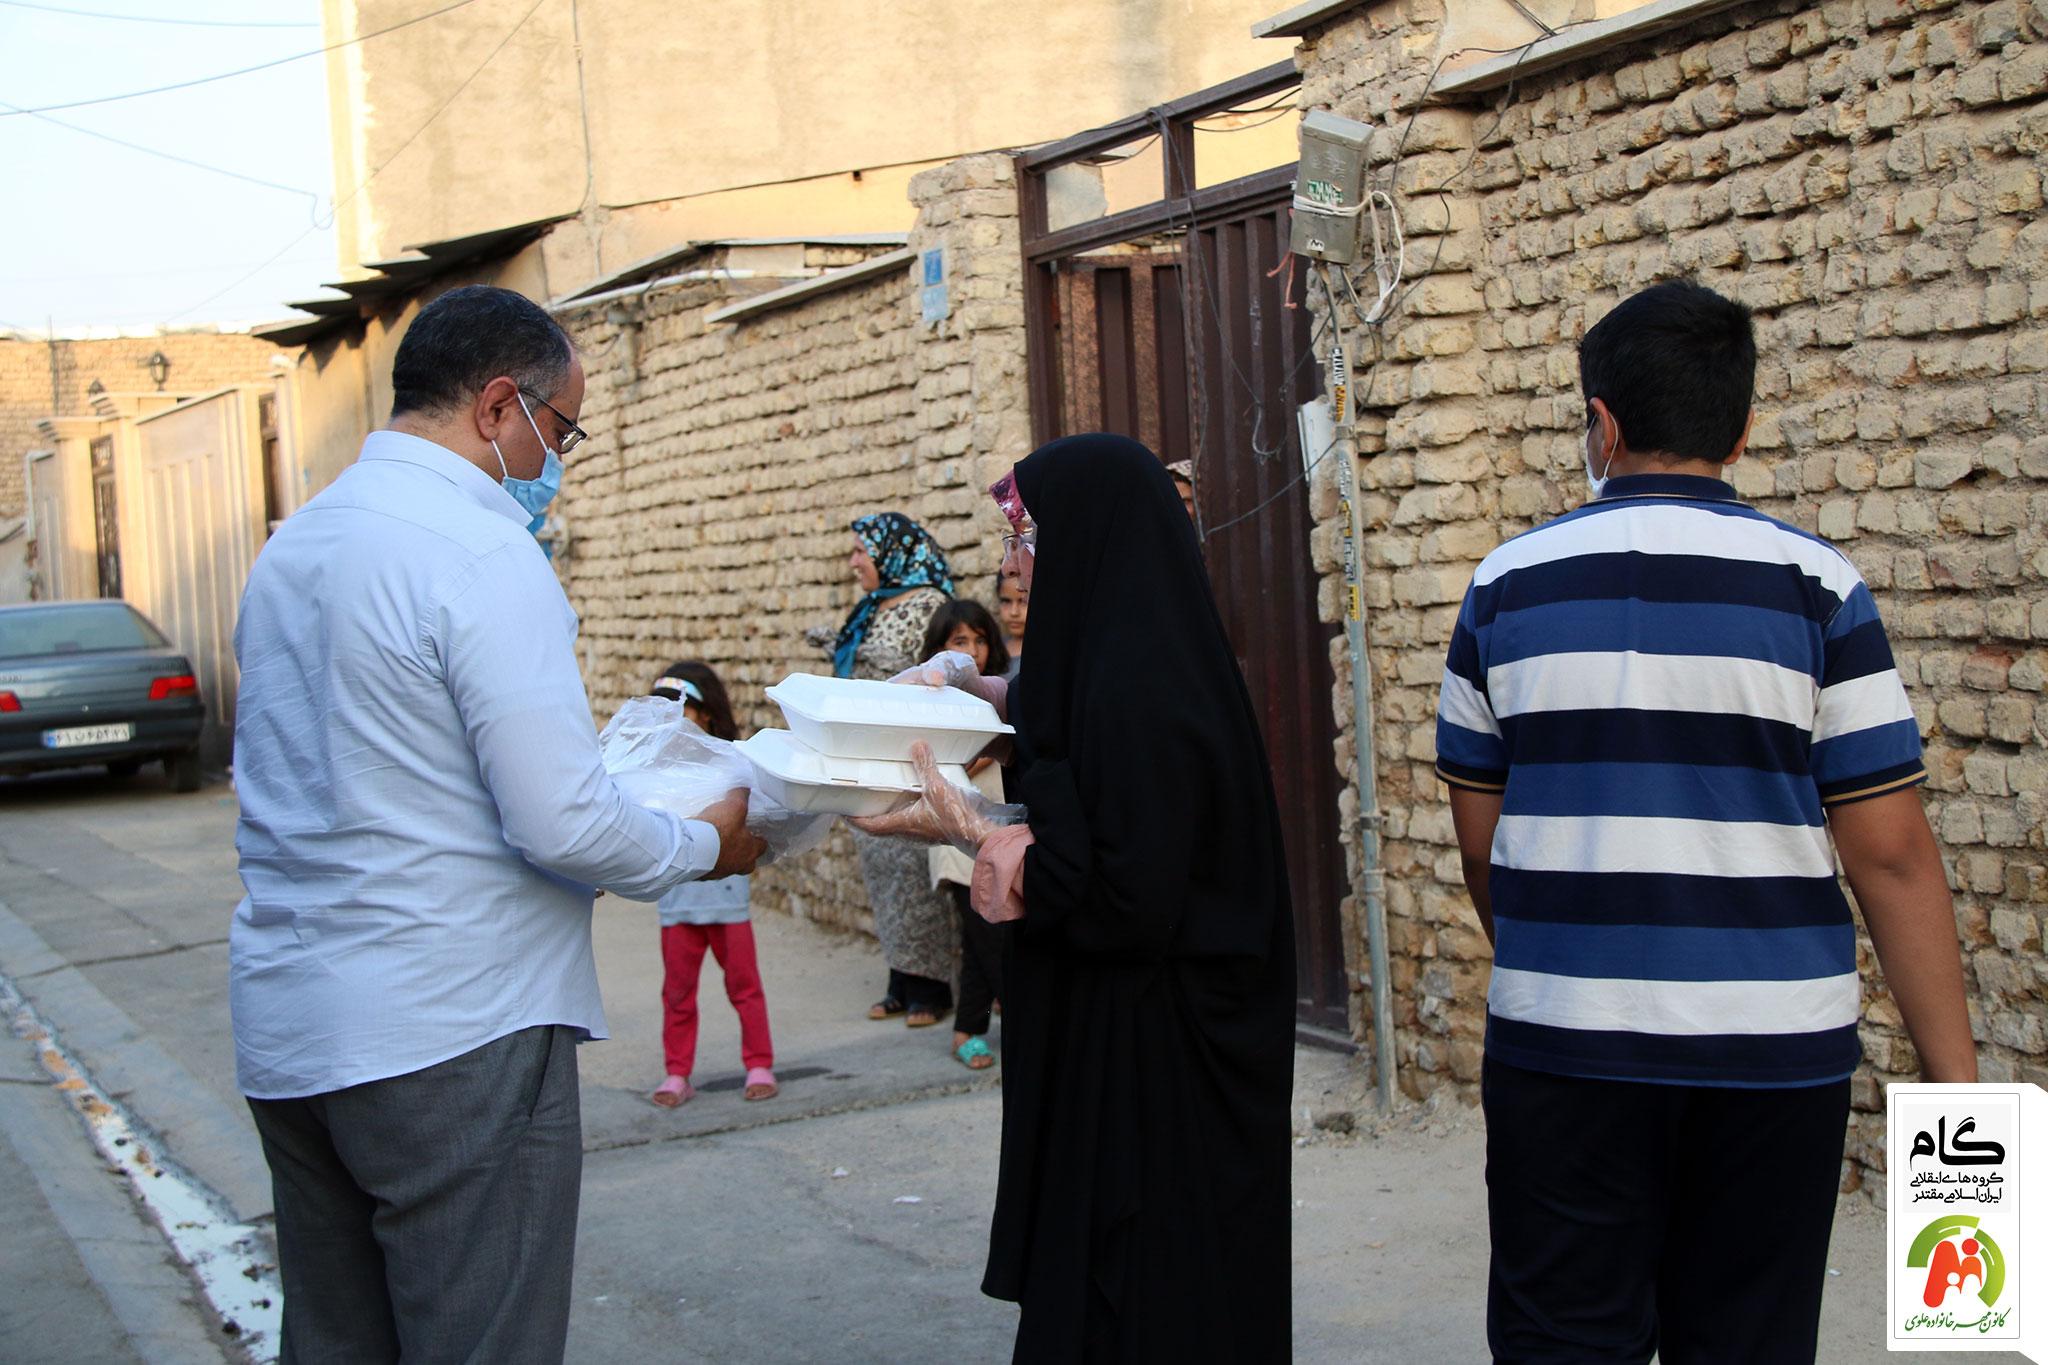 توزیع غذا در روستاهای اطراف تهران